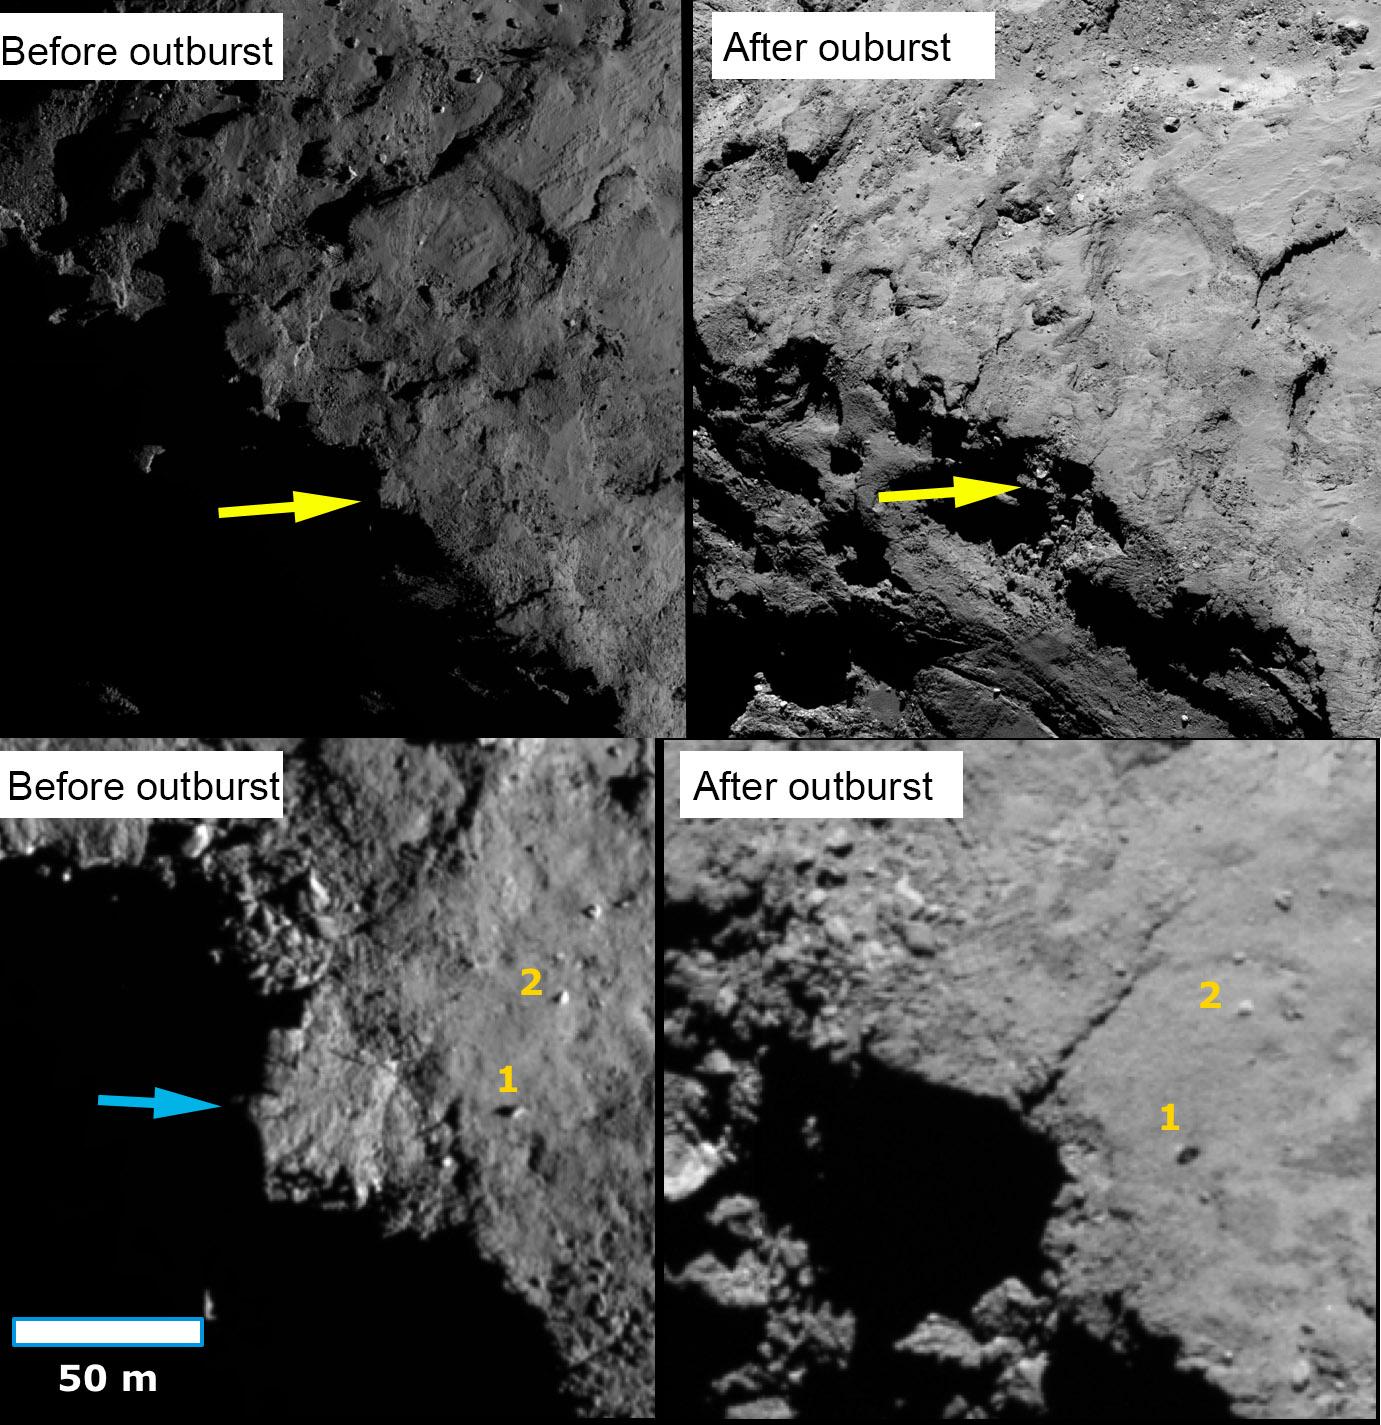 Rosetta_67P_OSIRIS_EPSC2019_cliff_collapse.jpg